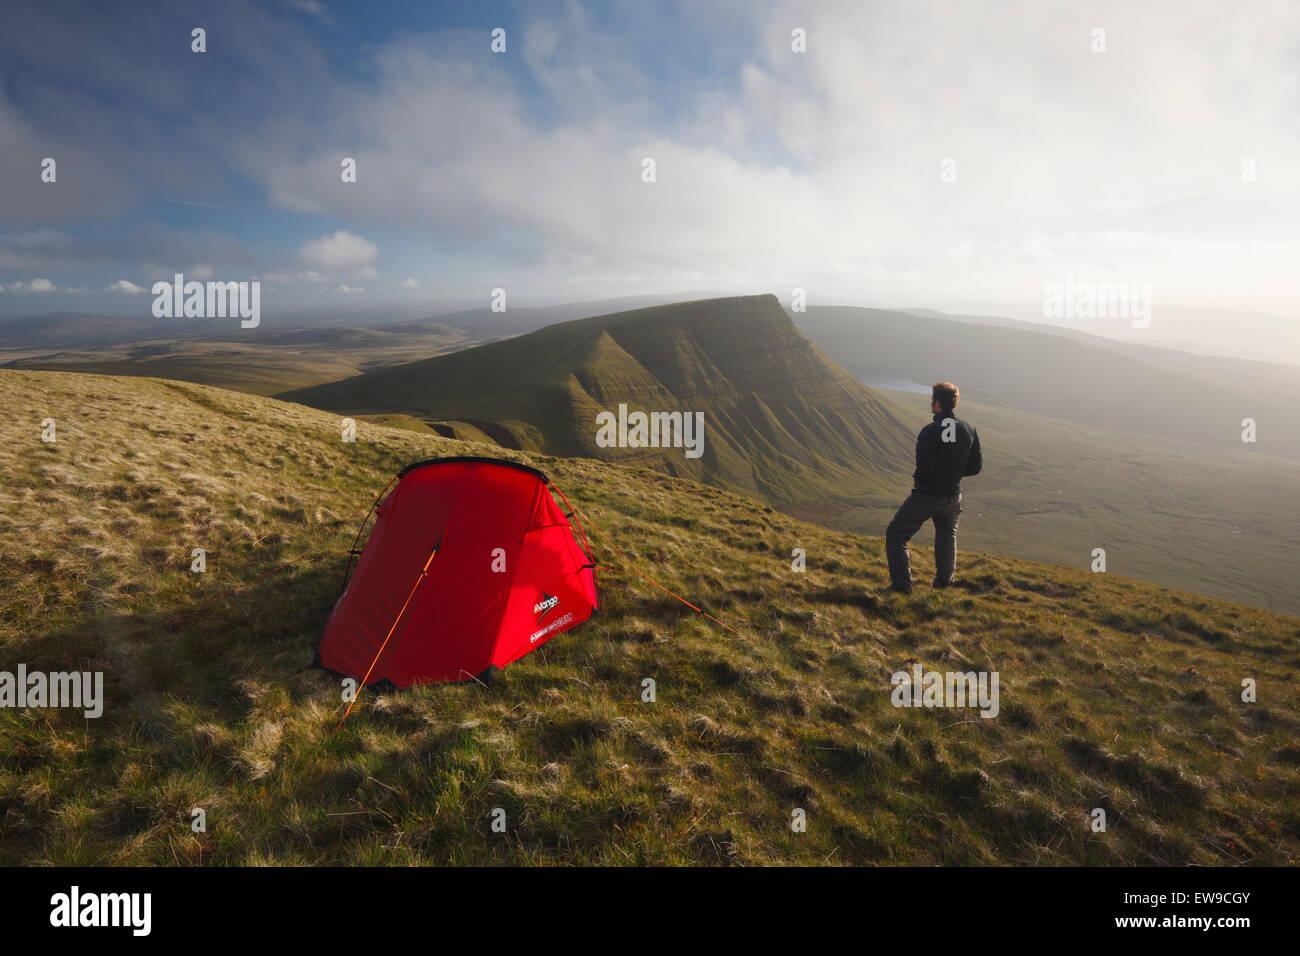 Escalador wild acampar en Foel del ventilador. La Montaña Negra. Parque Nacional de Brecon Beacons. Carmarthenshire. Imagen De Stock